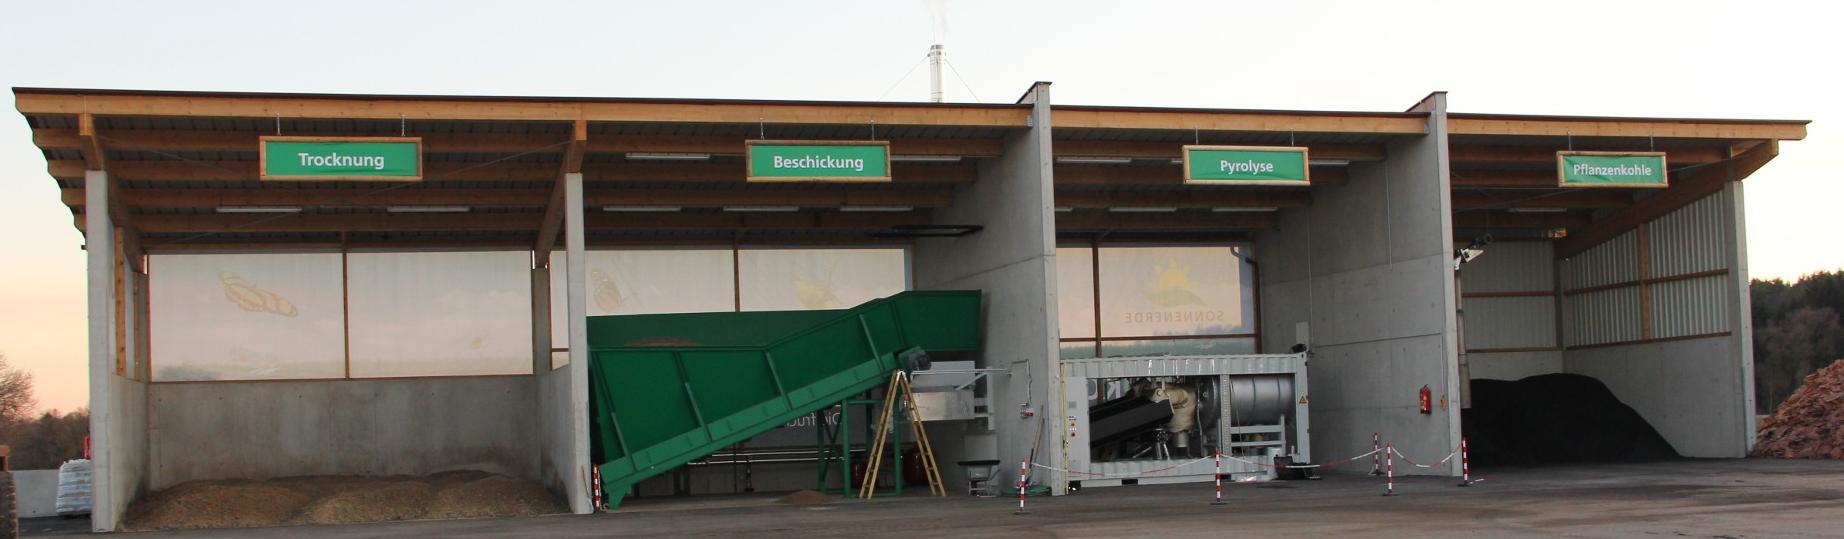 Pyreg Anlage - unsere eigene Verkohlungsanlage | CharLine GmbH